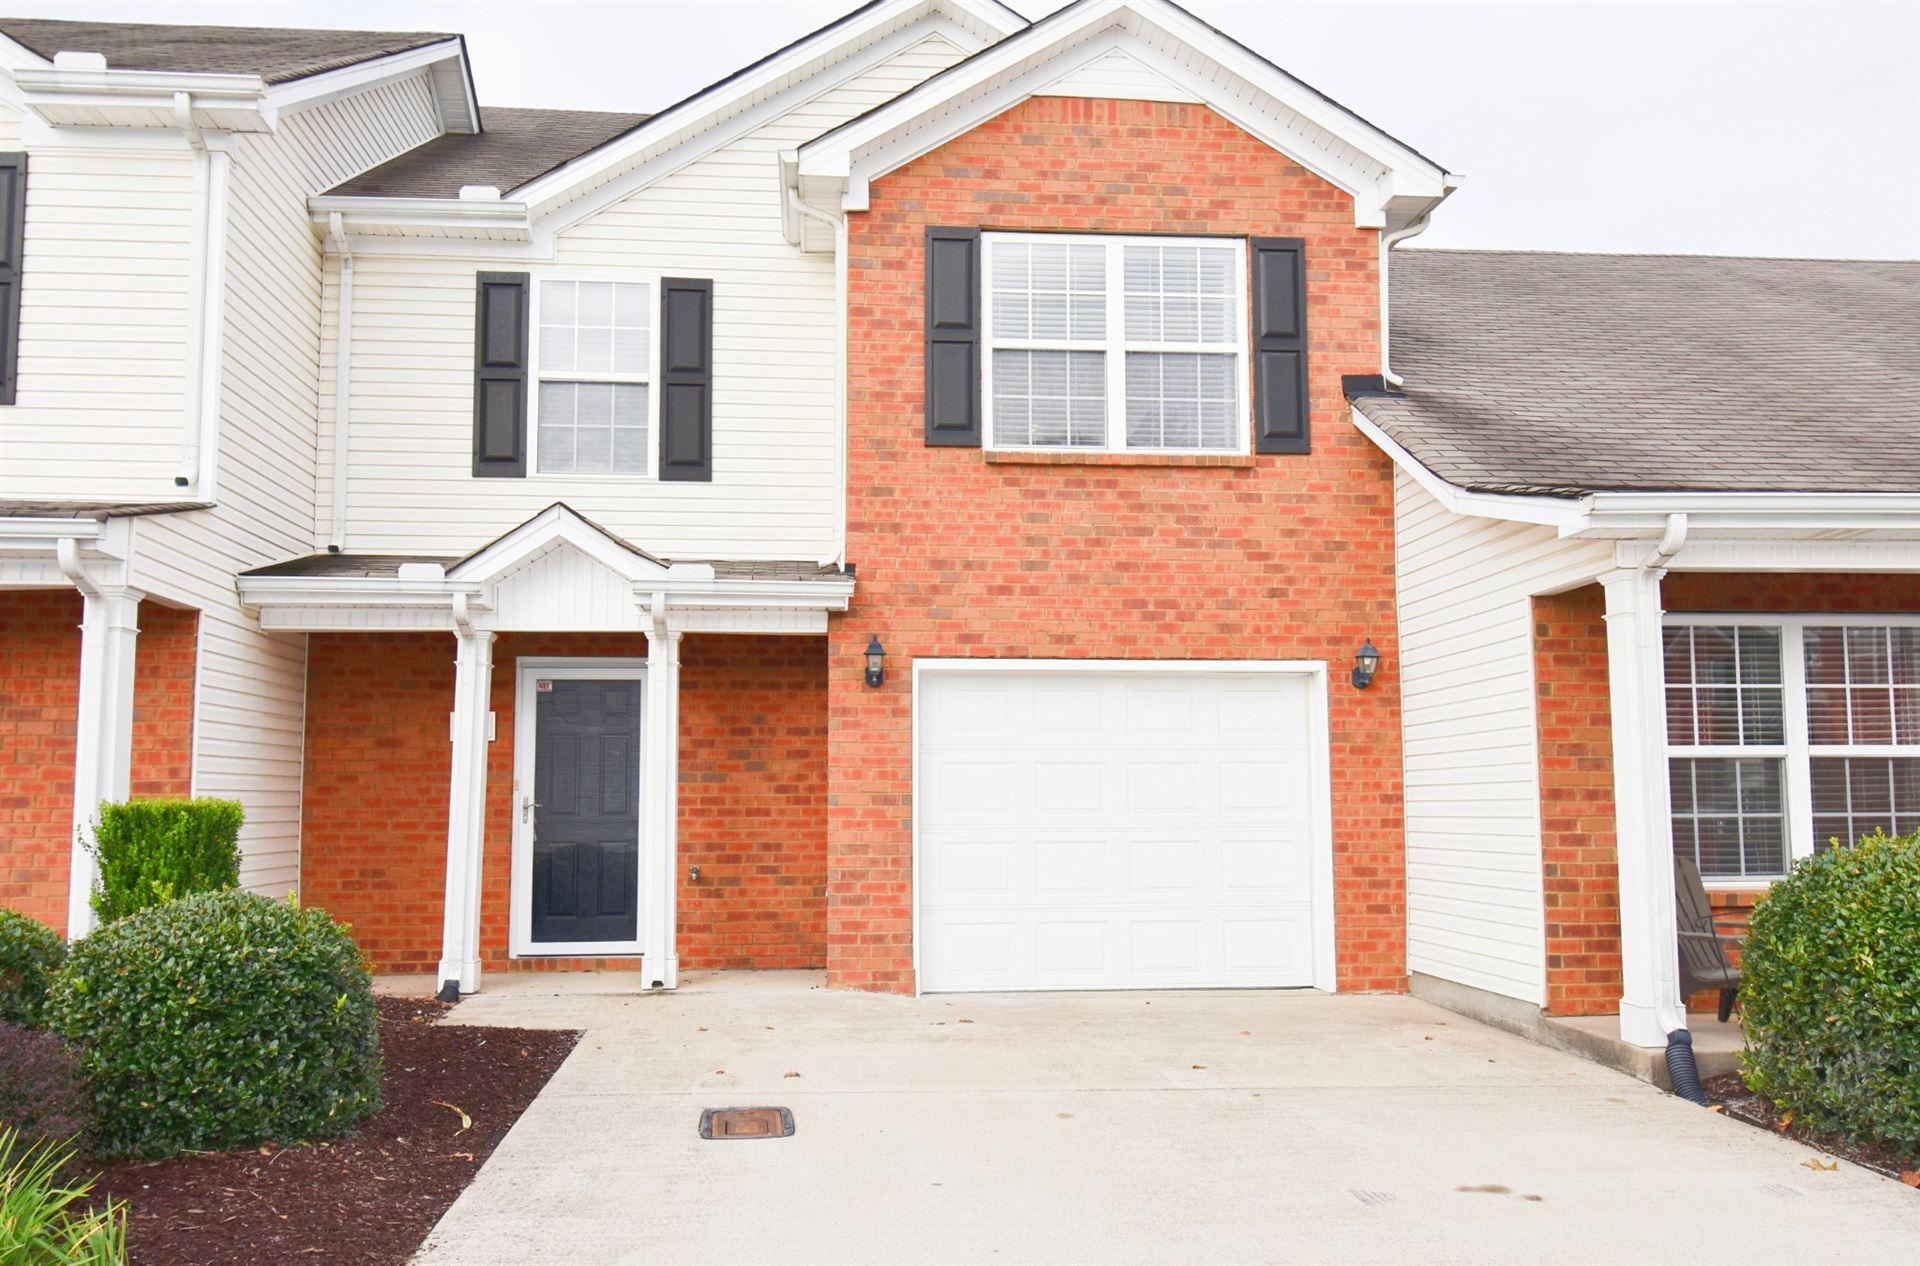 927 Maricopa Dr, Murfreesboro, TN 37128 - MLS#: 2302378